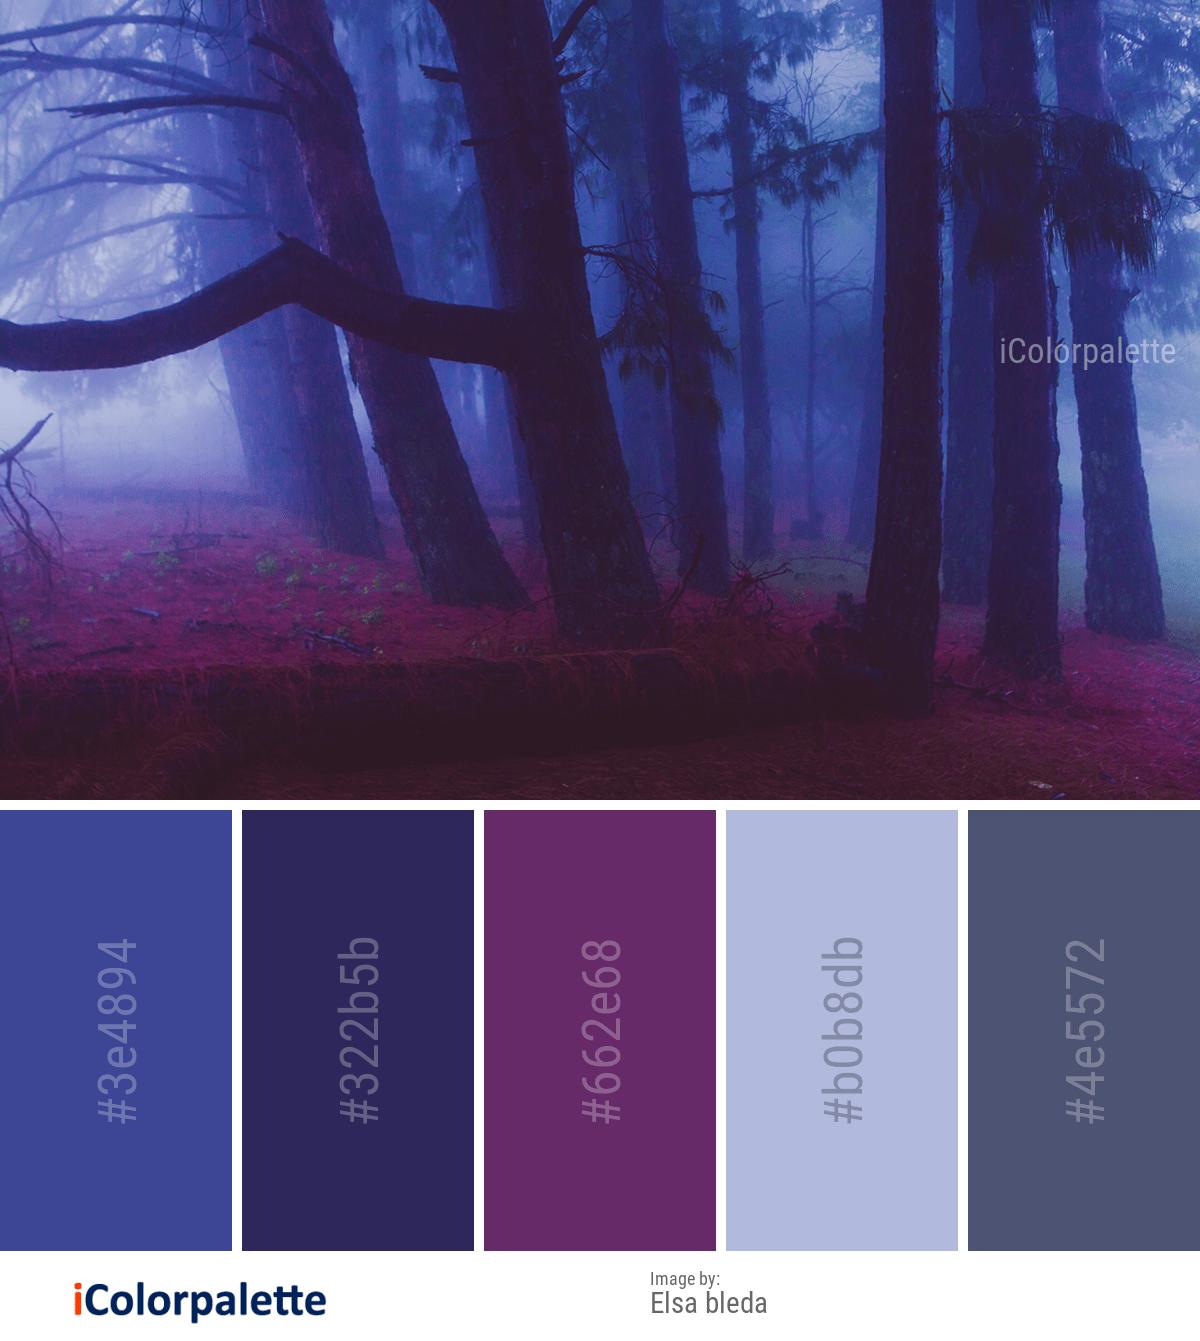 17 Color Palette inspirations from Elsa bleda images